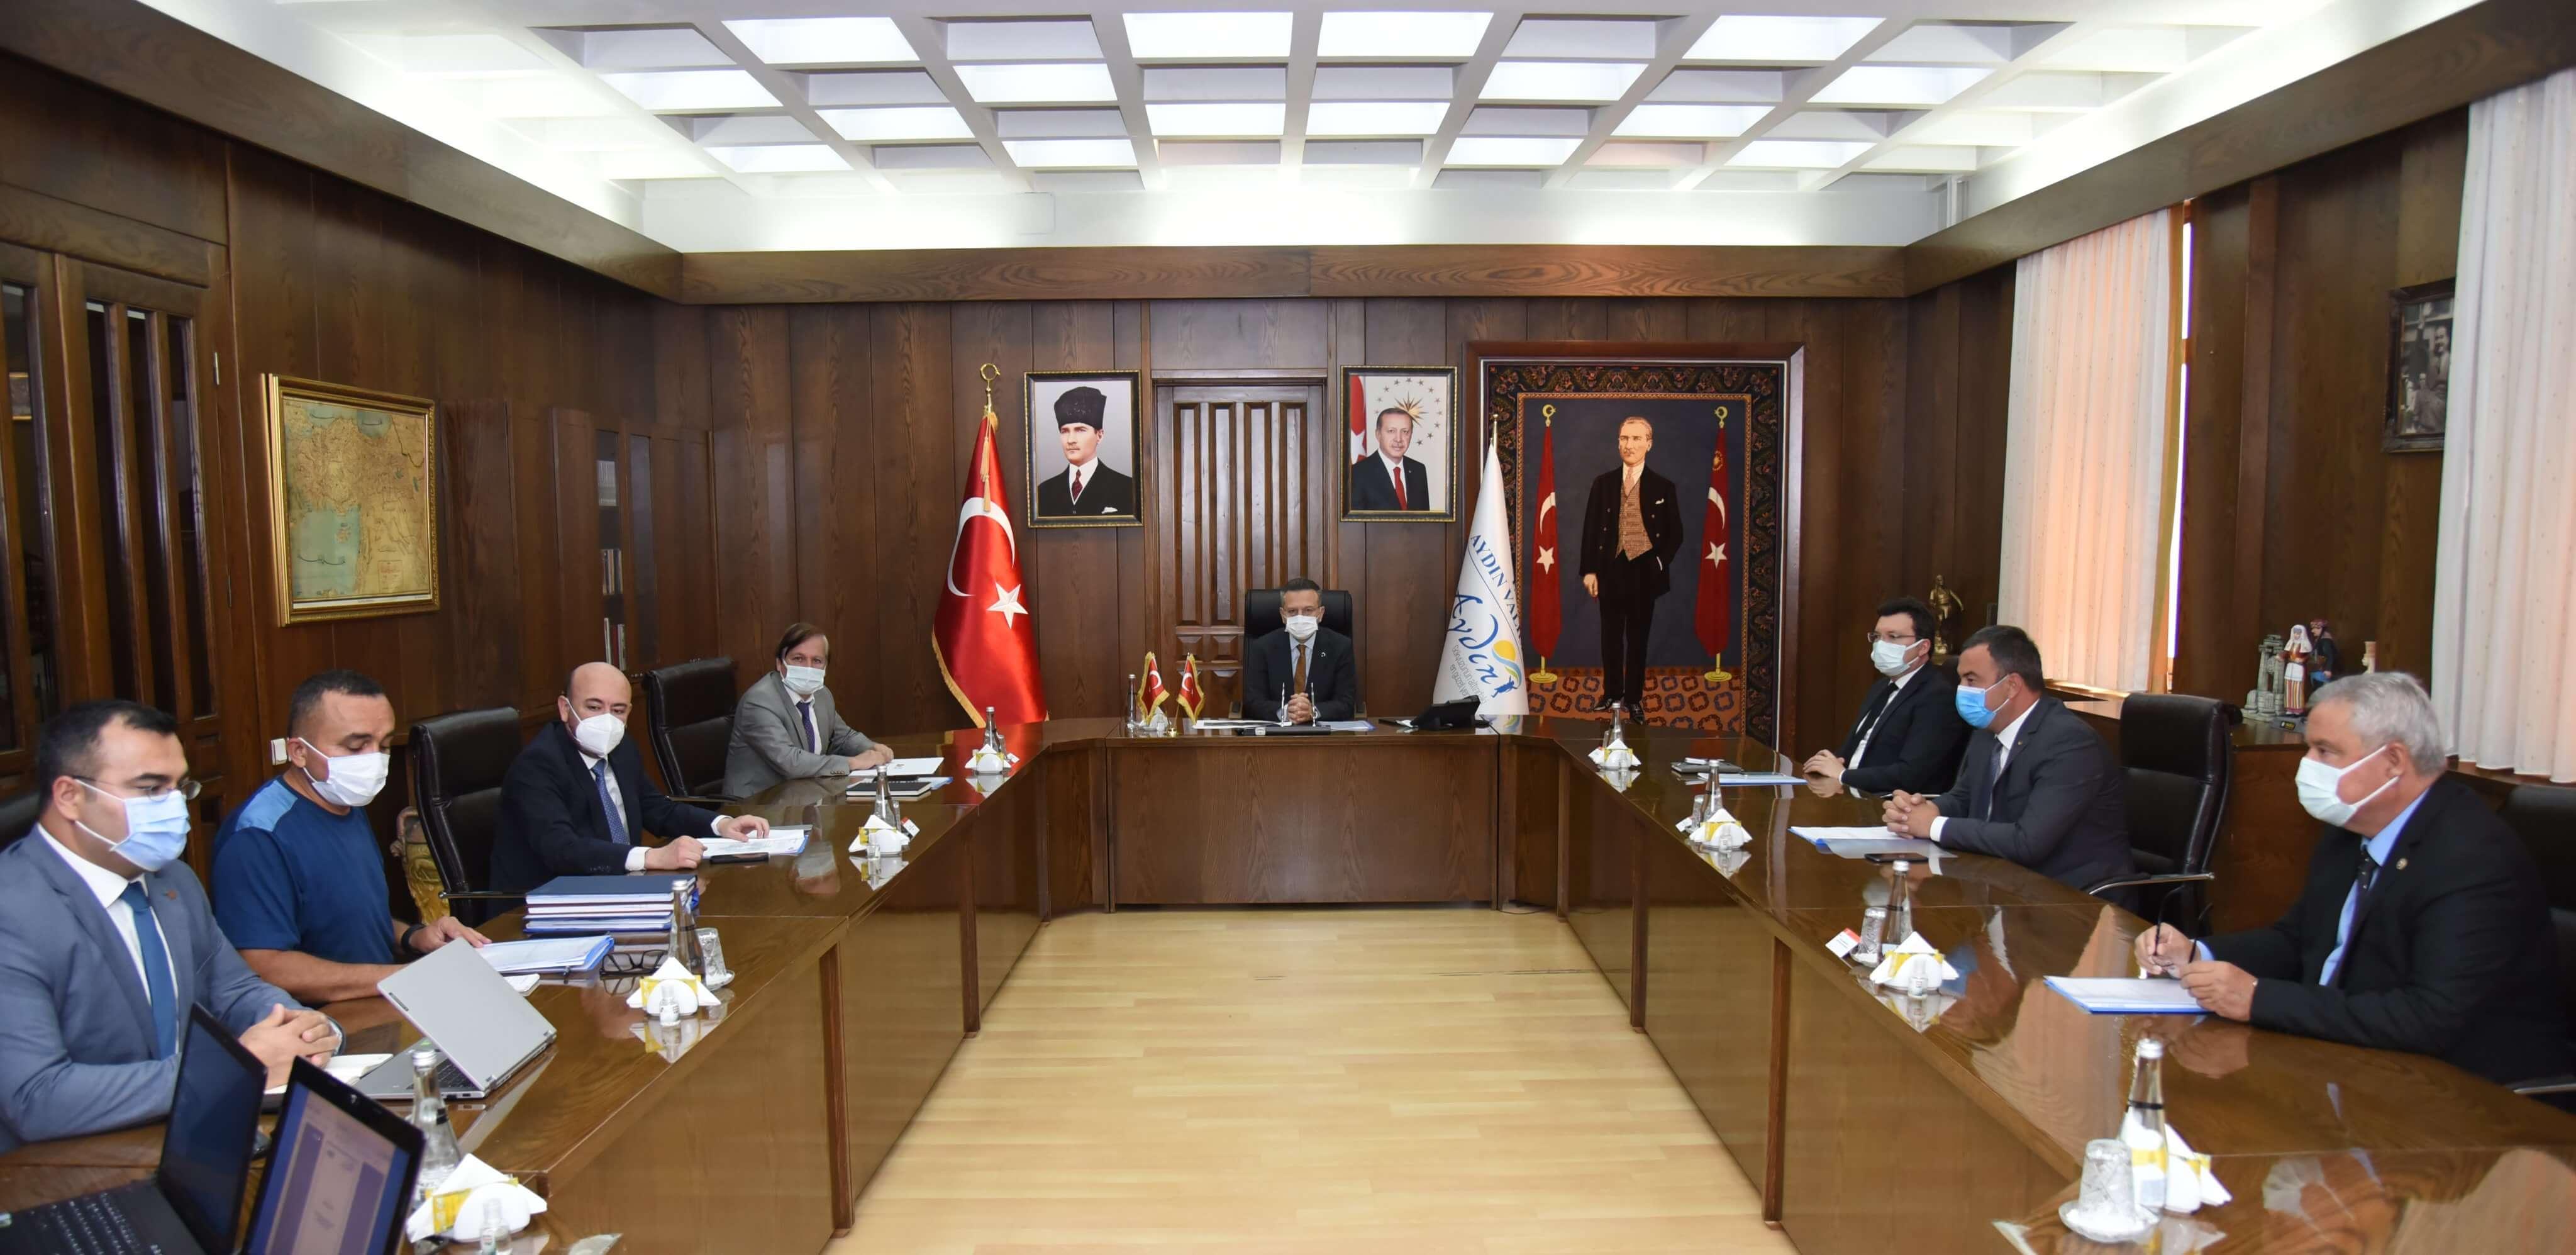 29.04.2021 Aydın Valiliği'nde Kadıköy Tarıma Dayalı İhtisas Sera Organize Sanayi Bölgesi Yönetim Kurulu Toplantısı Yapıldı